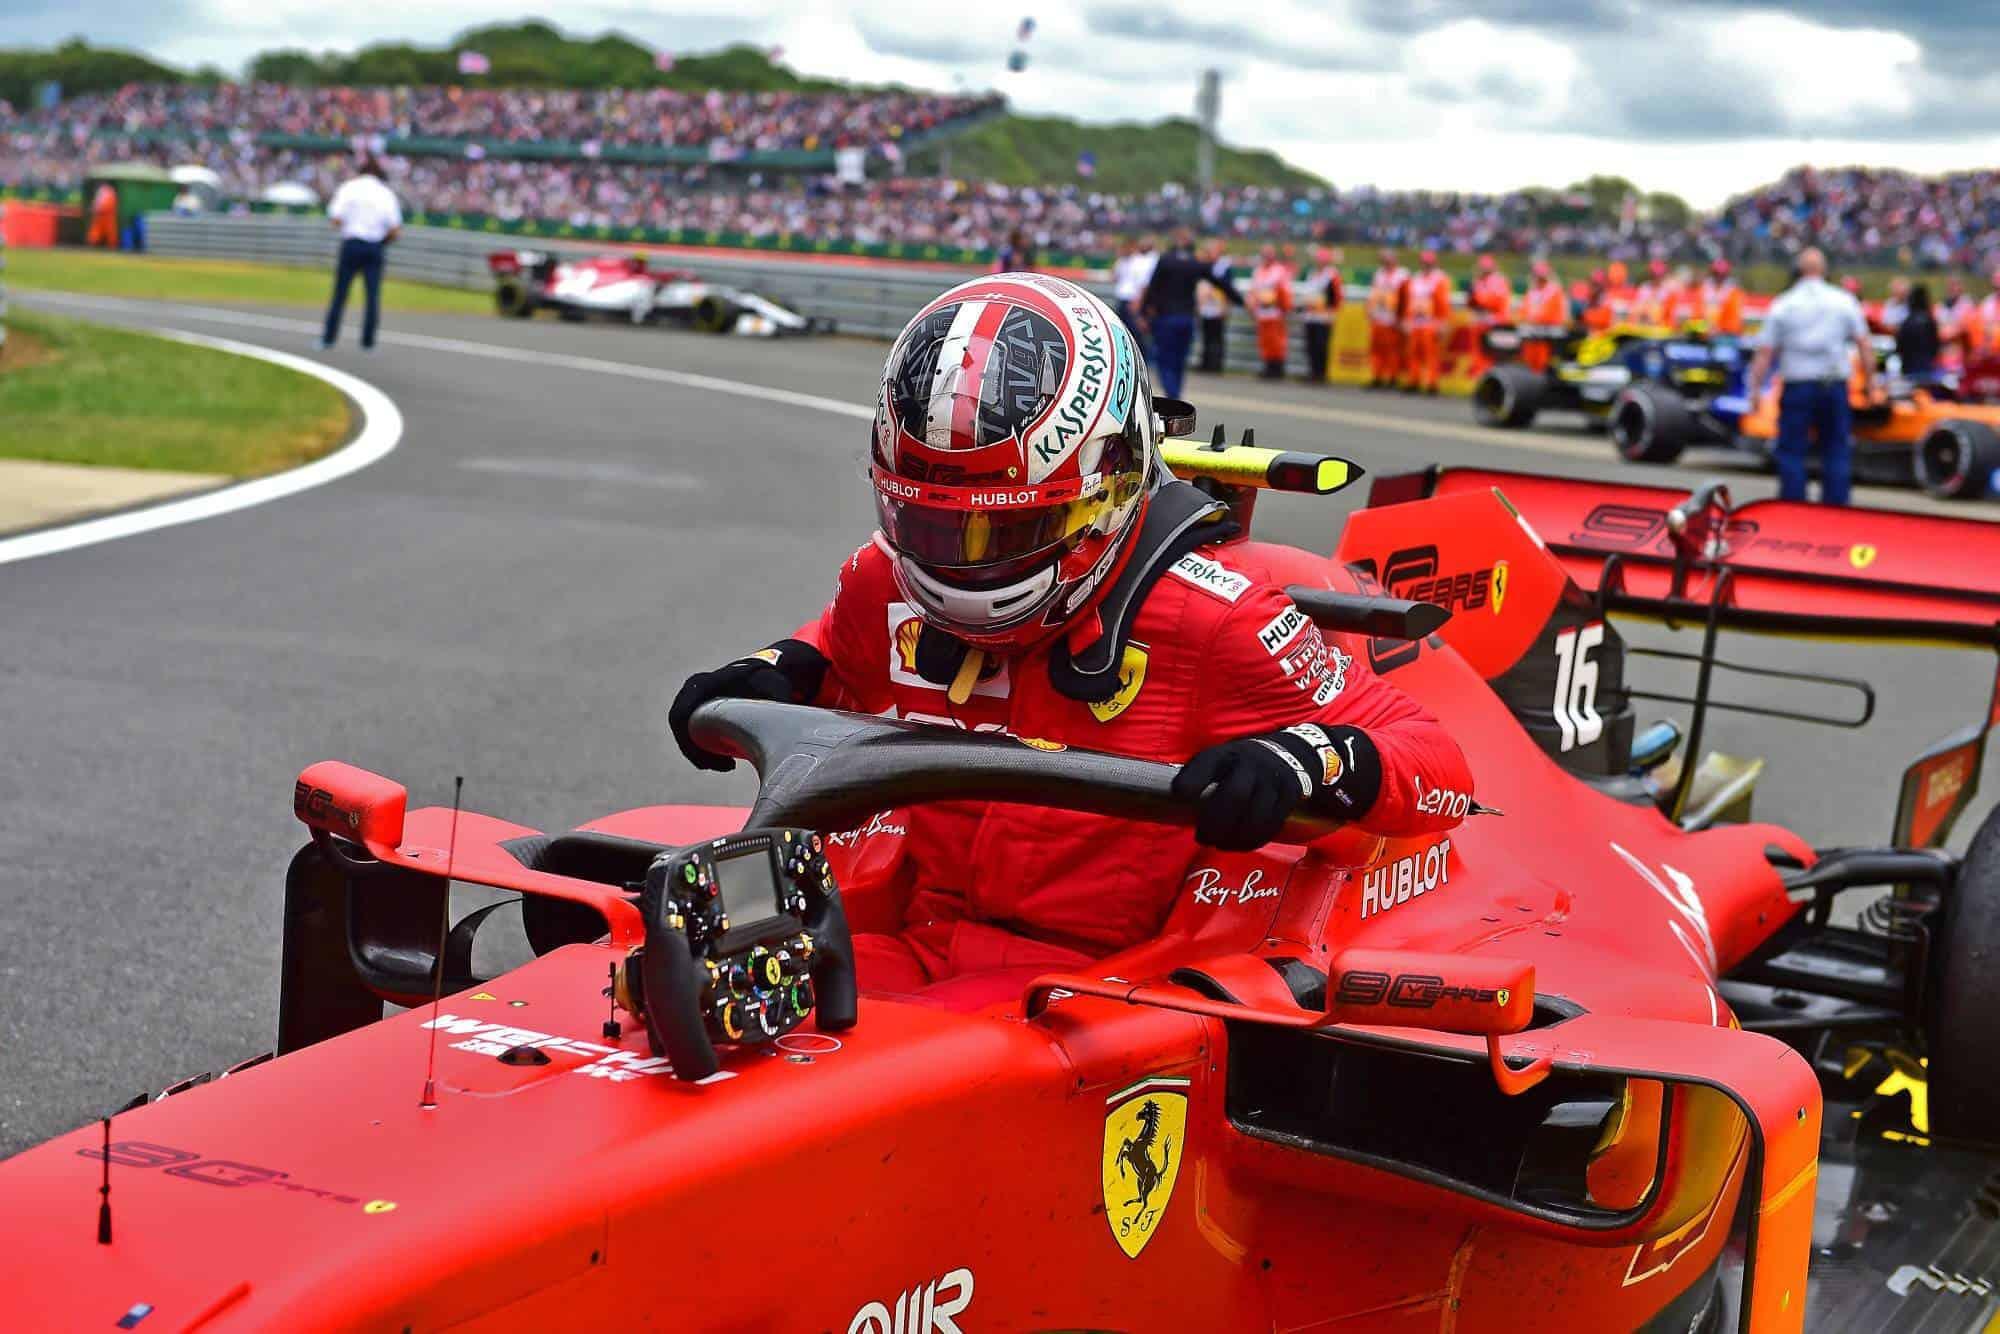 Leclerc Ferrari British GP F1 2019 after the race Photo Ferrari